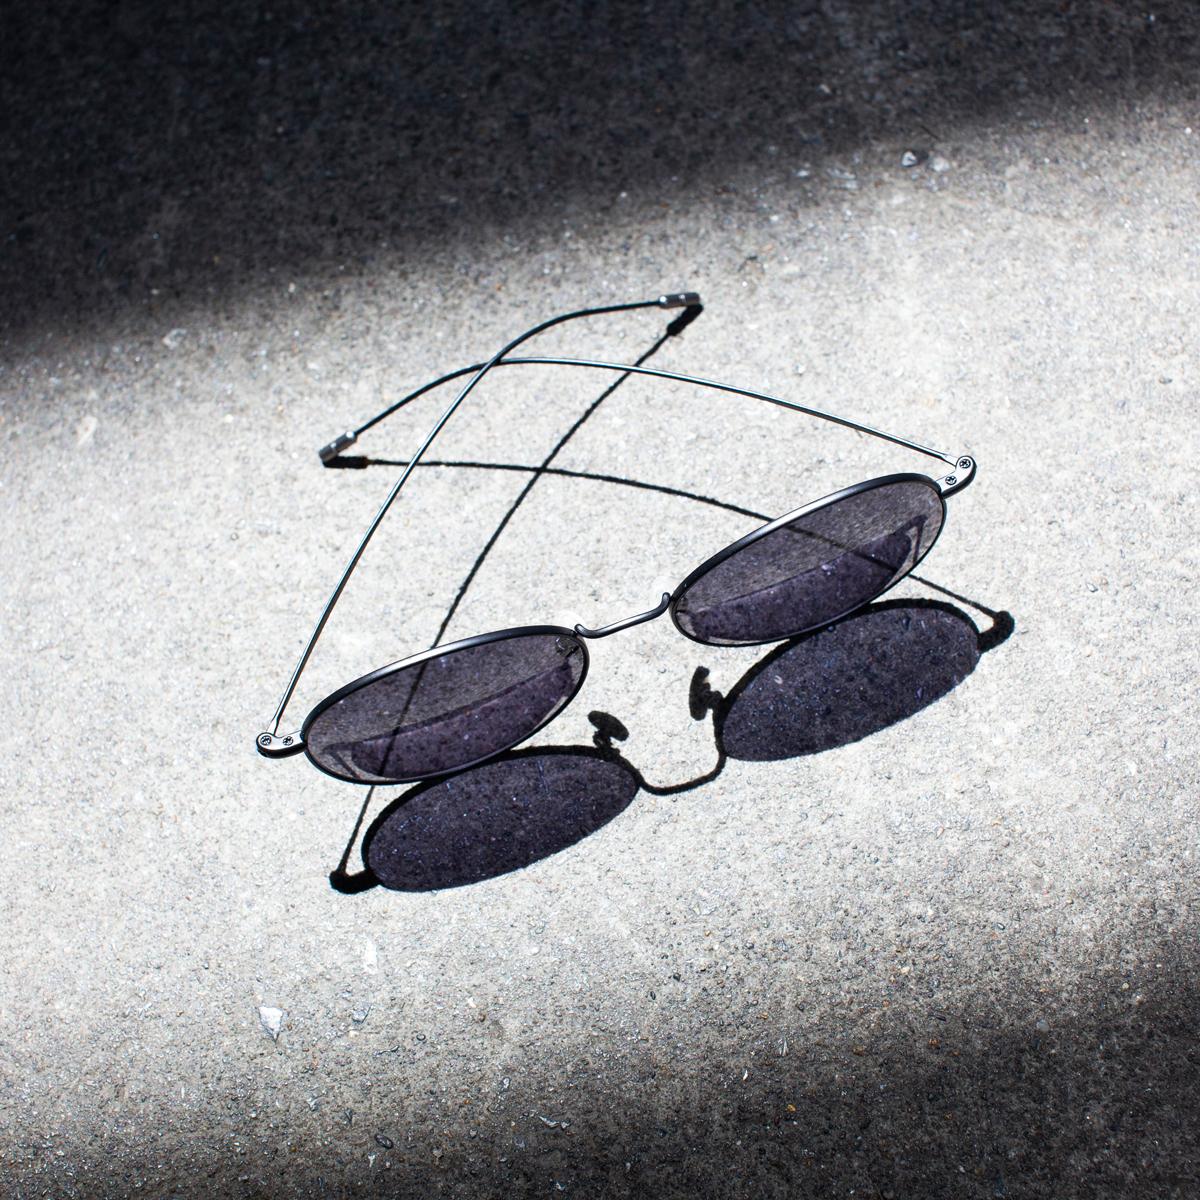 サングラス選びの3条件|《LARGE/レンズ幅56mm》風船で浮くほど軽い、フィット感抜群、踏んでも元に戻るβチタンフレームのサングラス|RAWROW R SUN 310